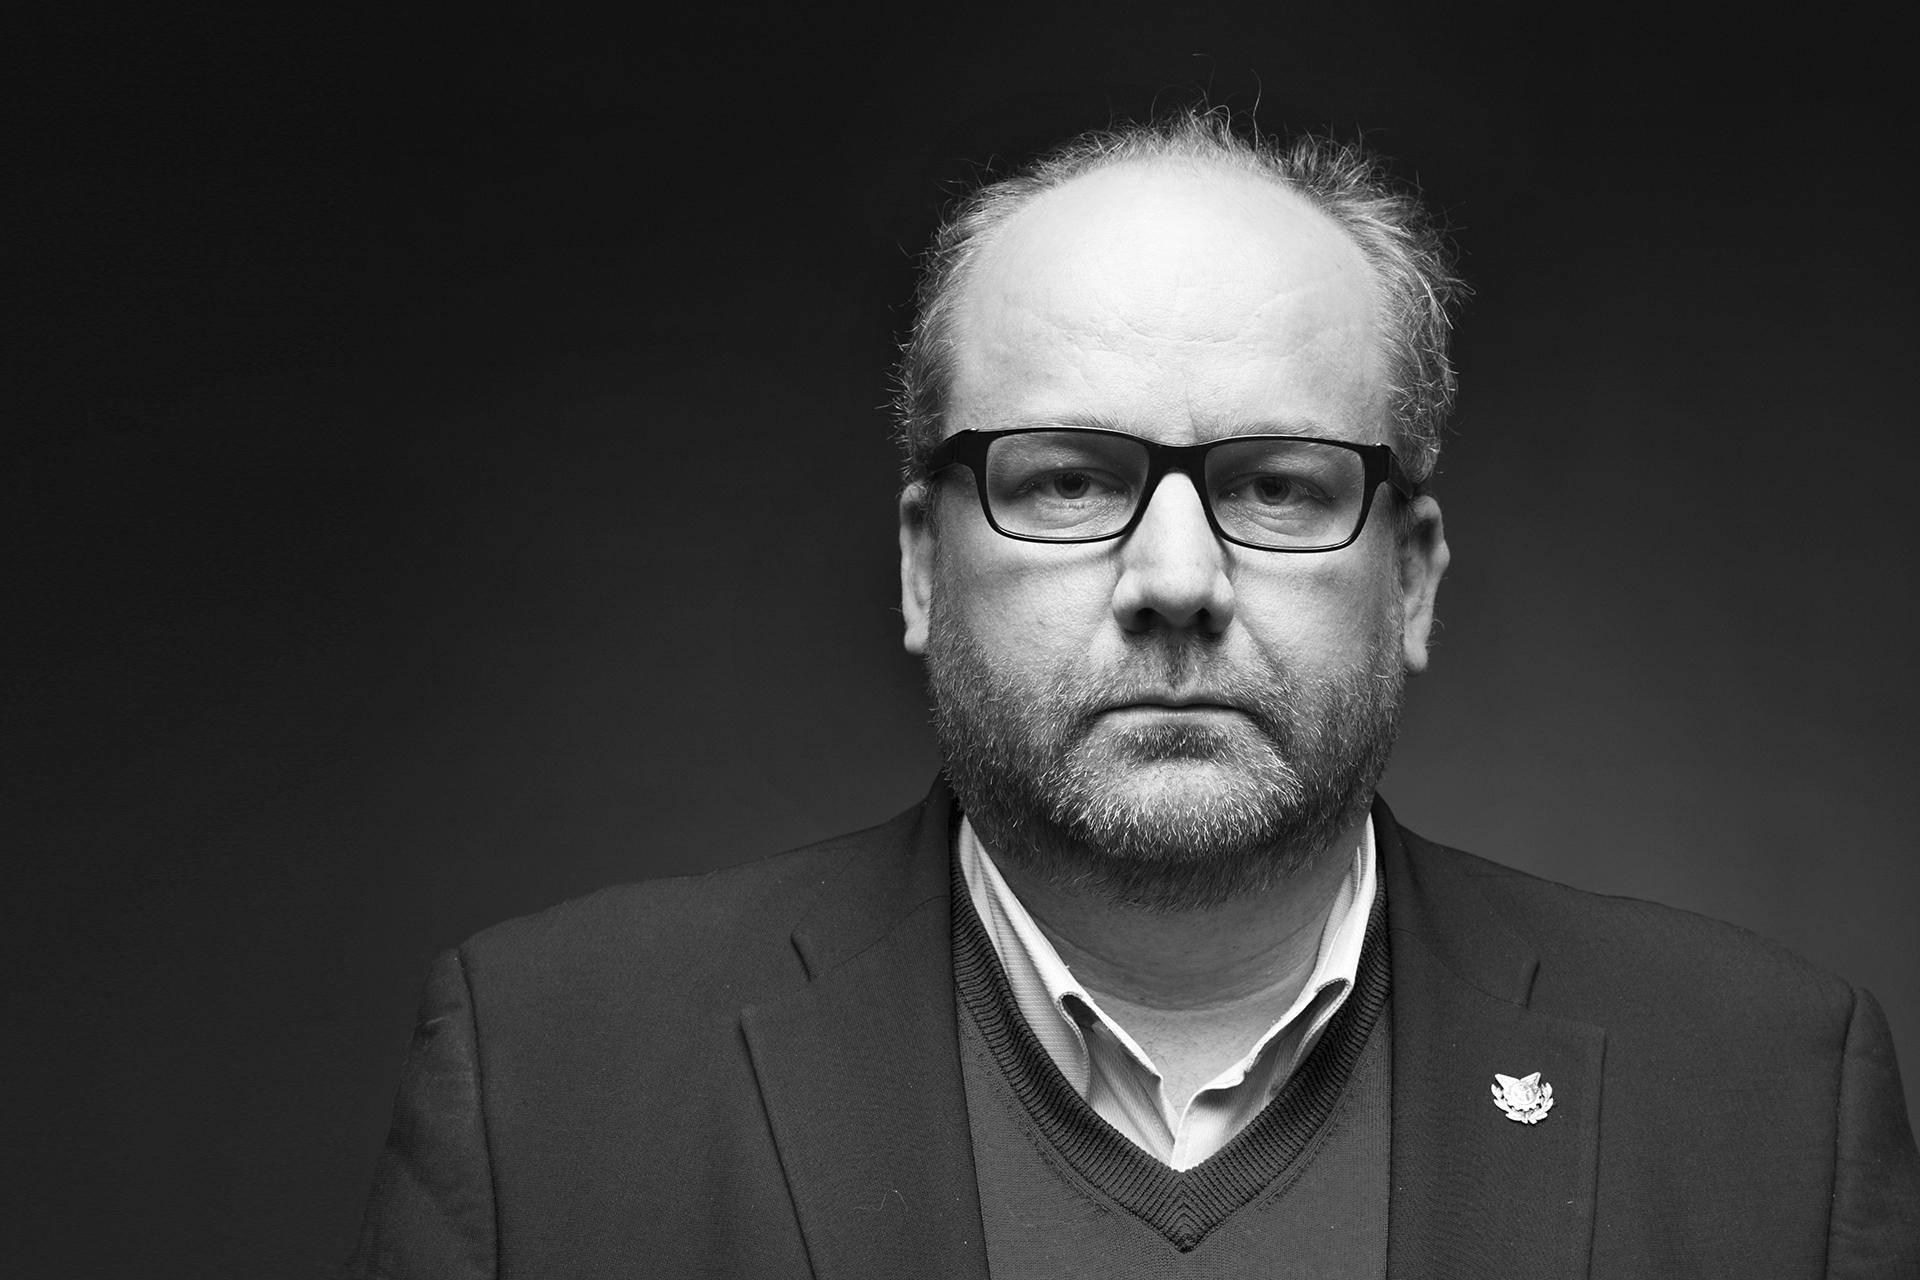 Marko Piirainen sanoo, että kotoa ovat peräisin hänen keskeiset arvonsa: rehellisyys, oikeudenmukaisuus ja työnteon moraali.